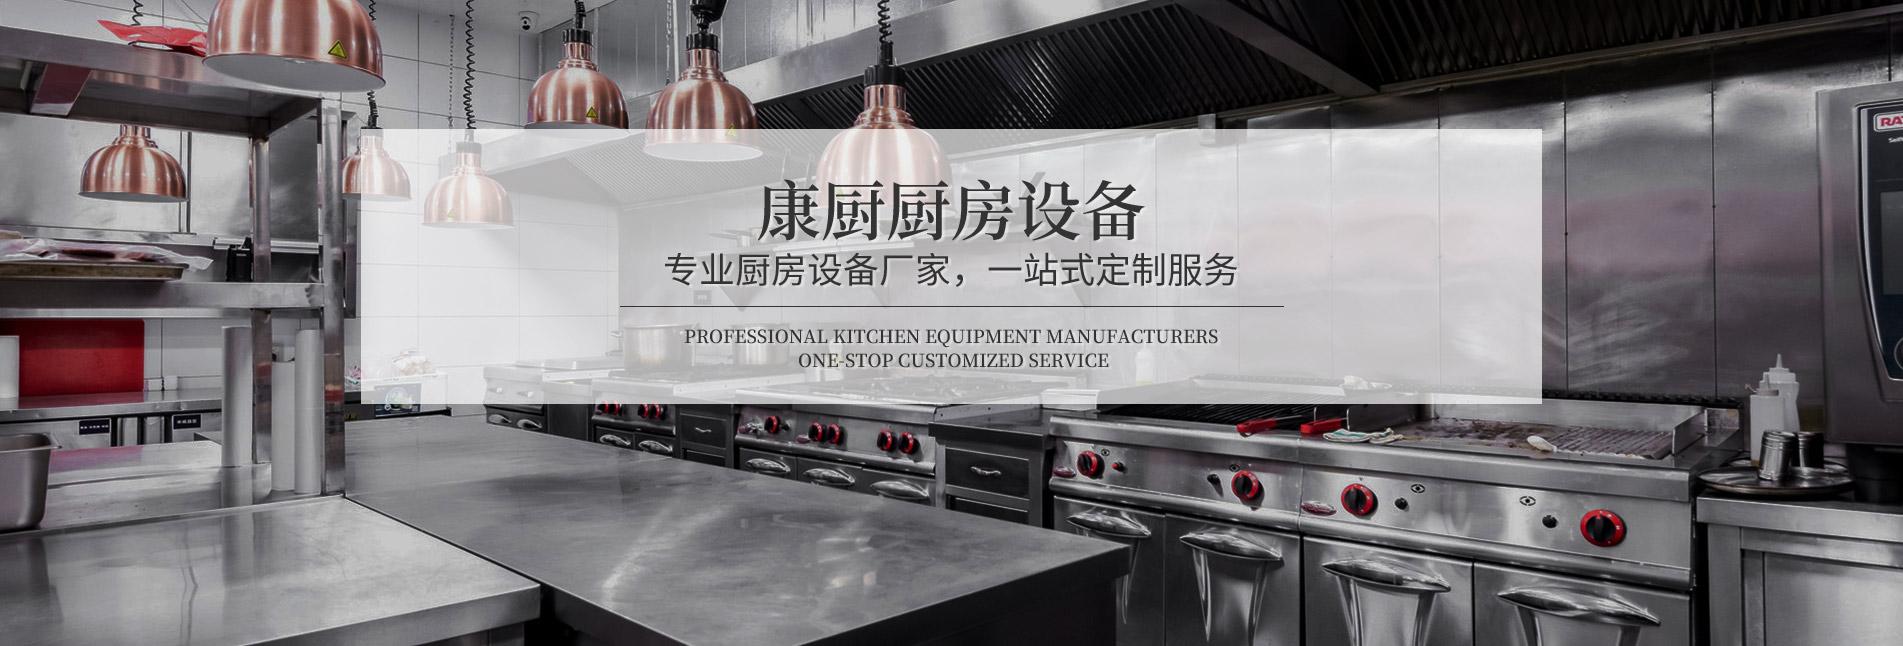 重庆厨房设备